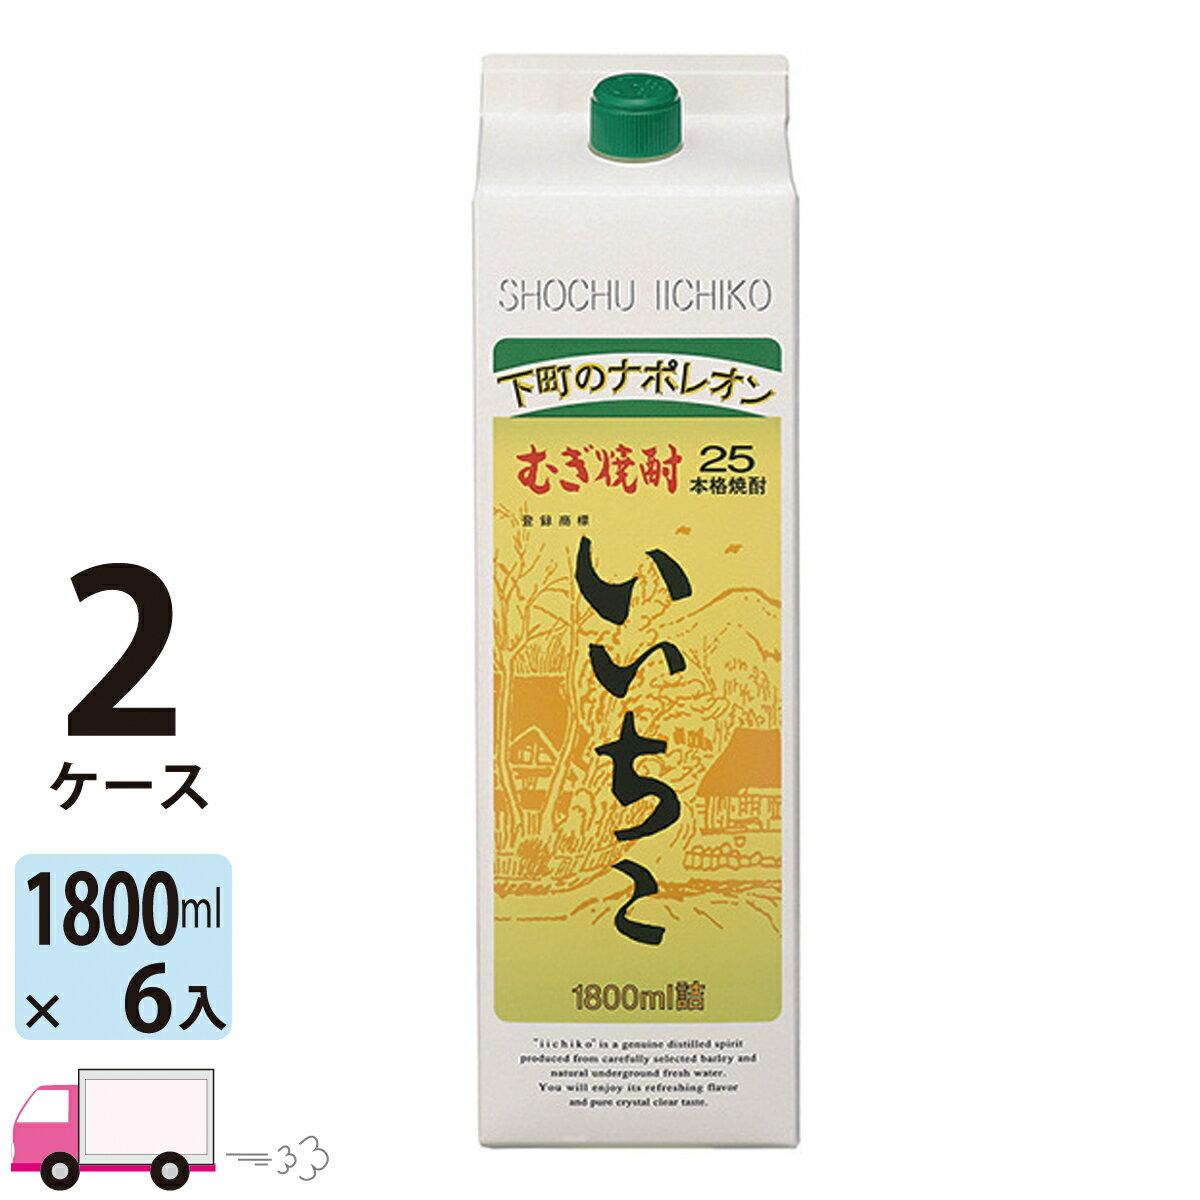 送料無料 いいちこ 麦焼酎25度 1.8L (1800ml) パック 6本入 2ケース(12本)